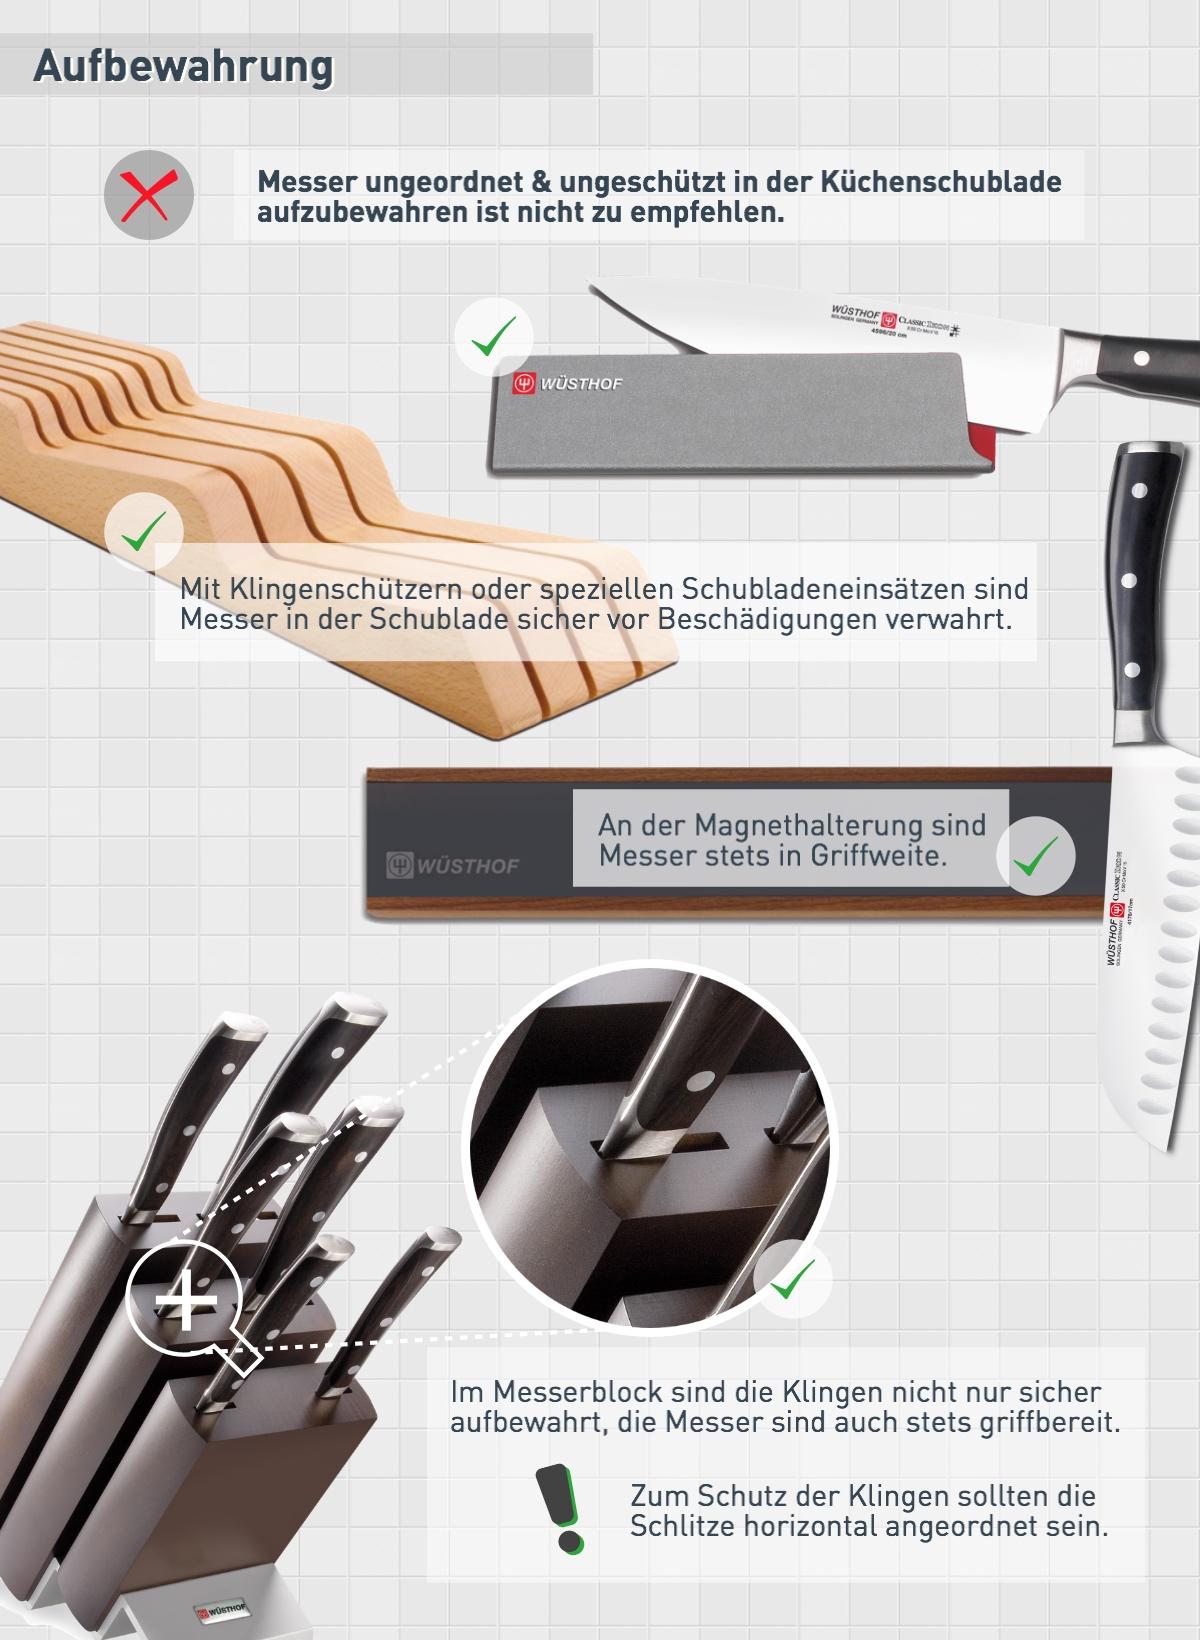 Aufbewahrung: Messerpflege